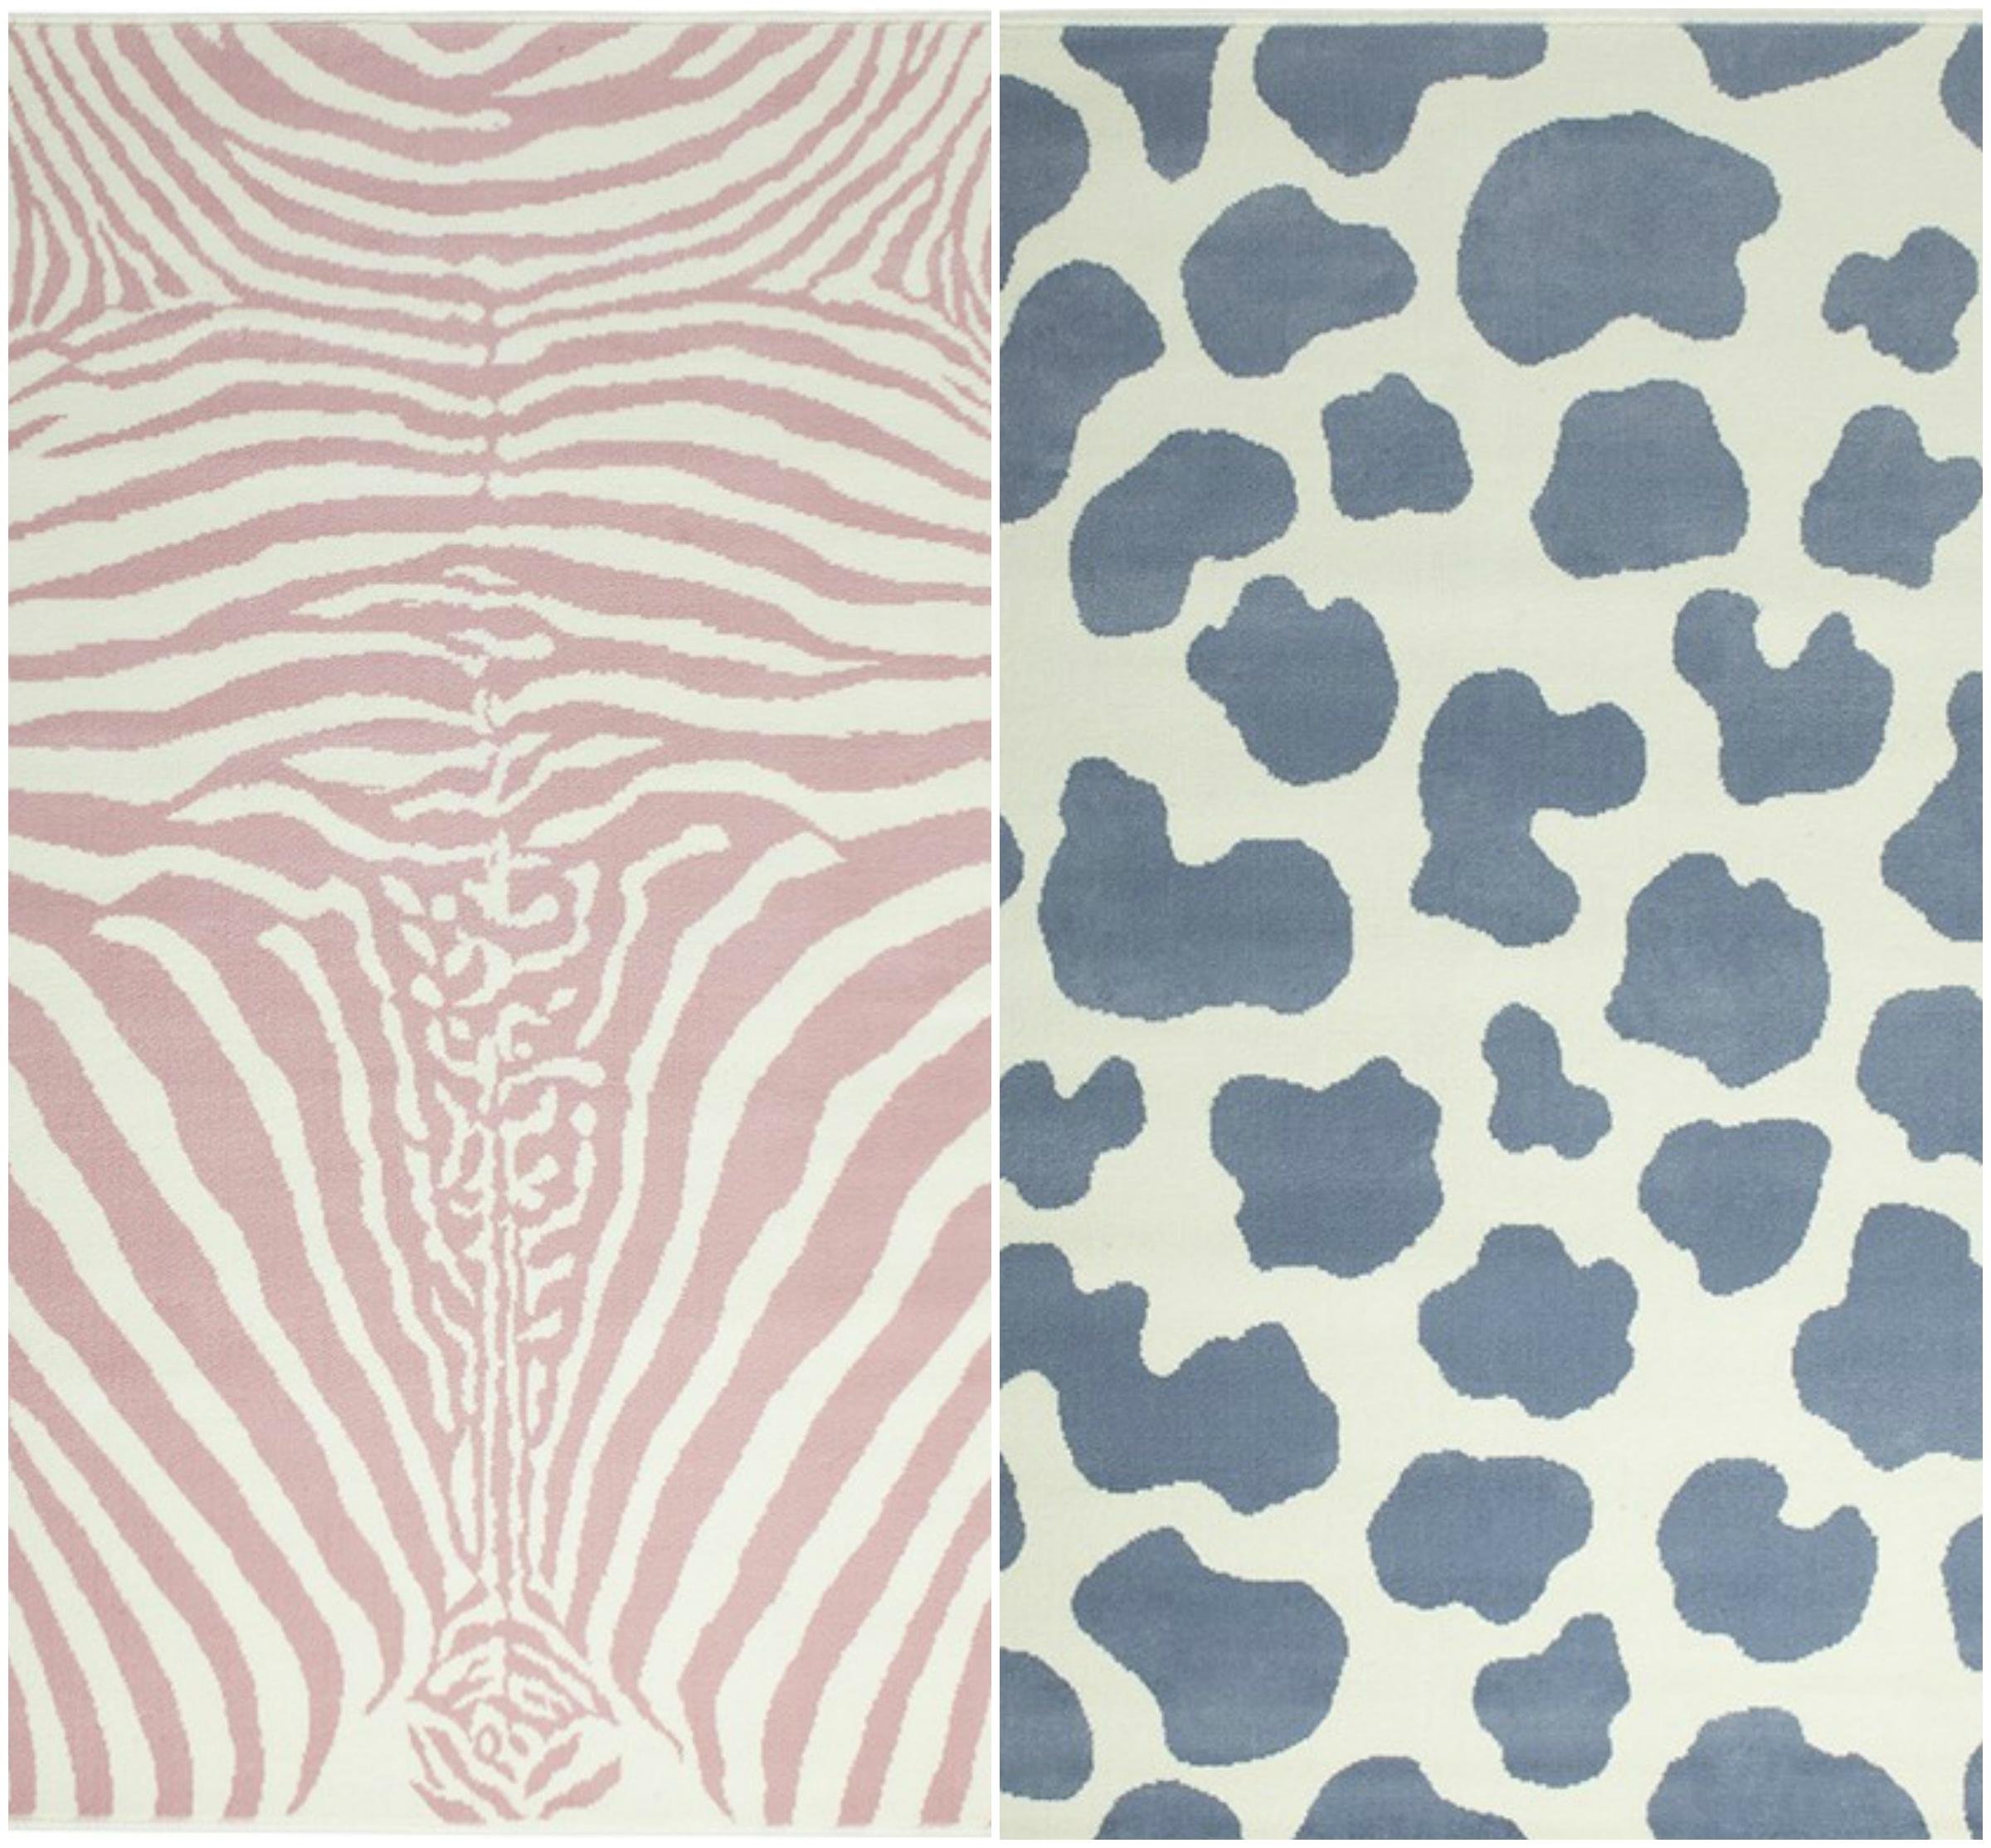 Stil Und Style Mit Kinderteppichen Von Lorena Canals